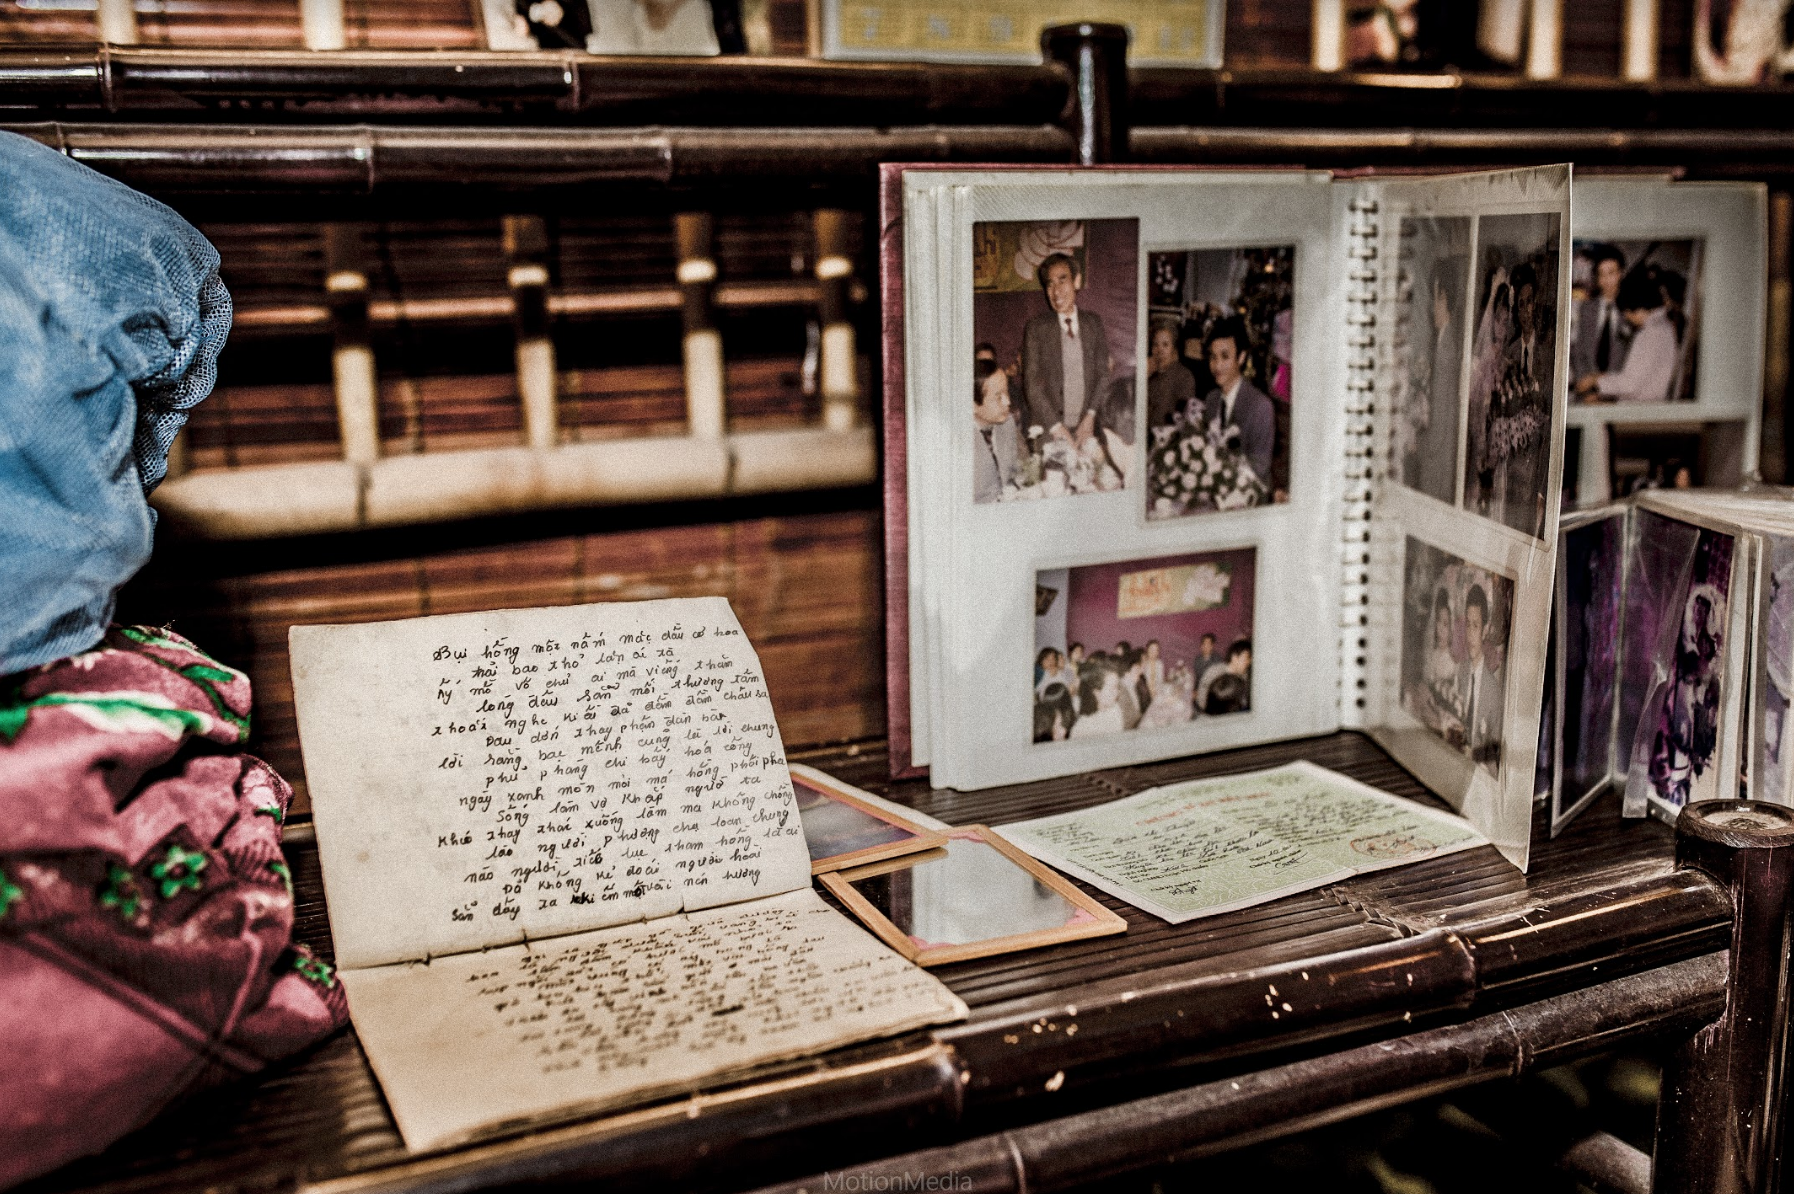 Sinh viên báo chí tổ chức triển lãm không gian cưới thập niên 80s, 90s ngay giữa lòng Hà Nội - Ảnh 7.